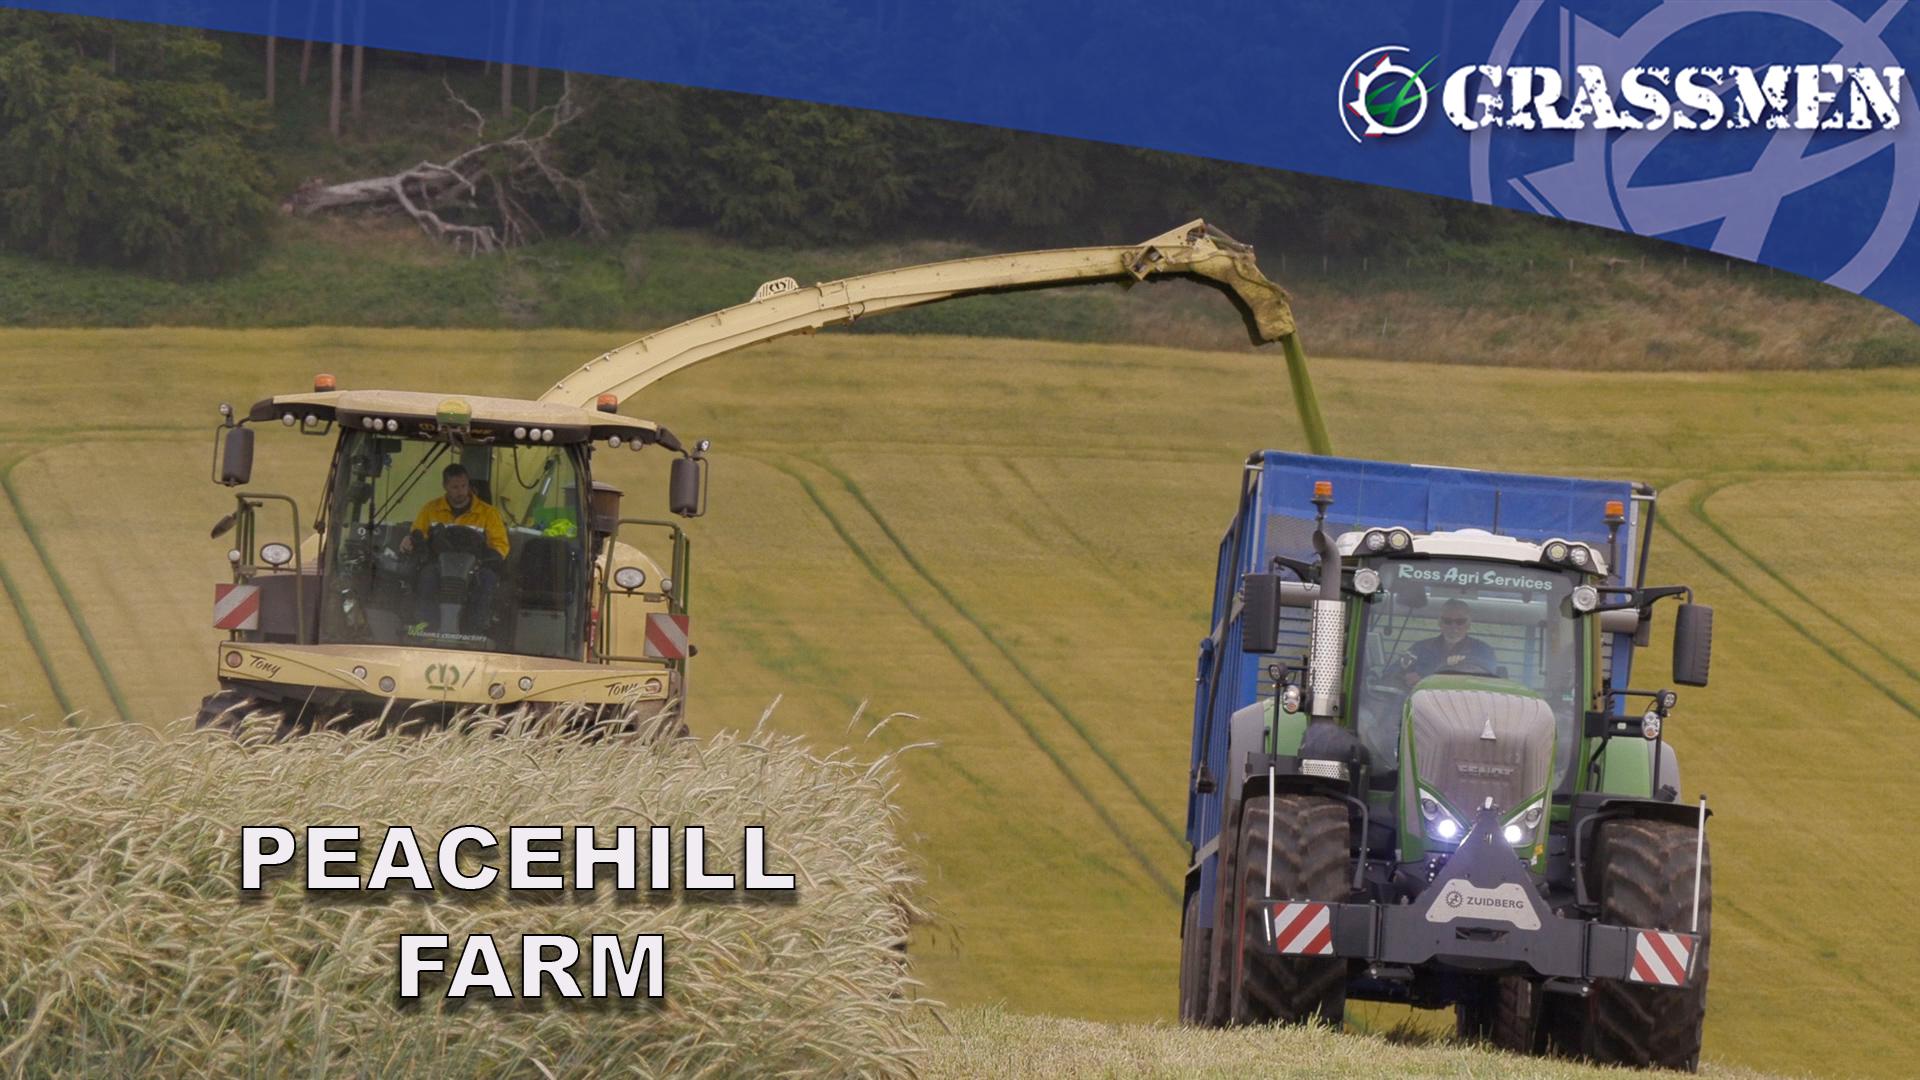 Peacehill Farm